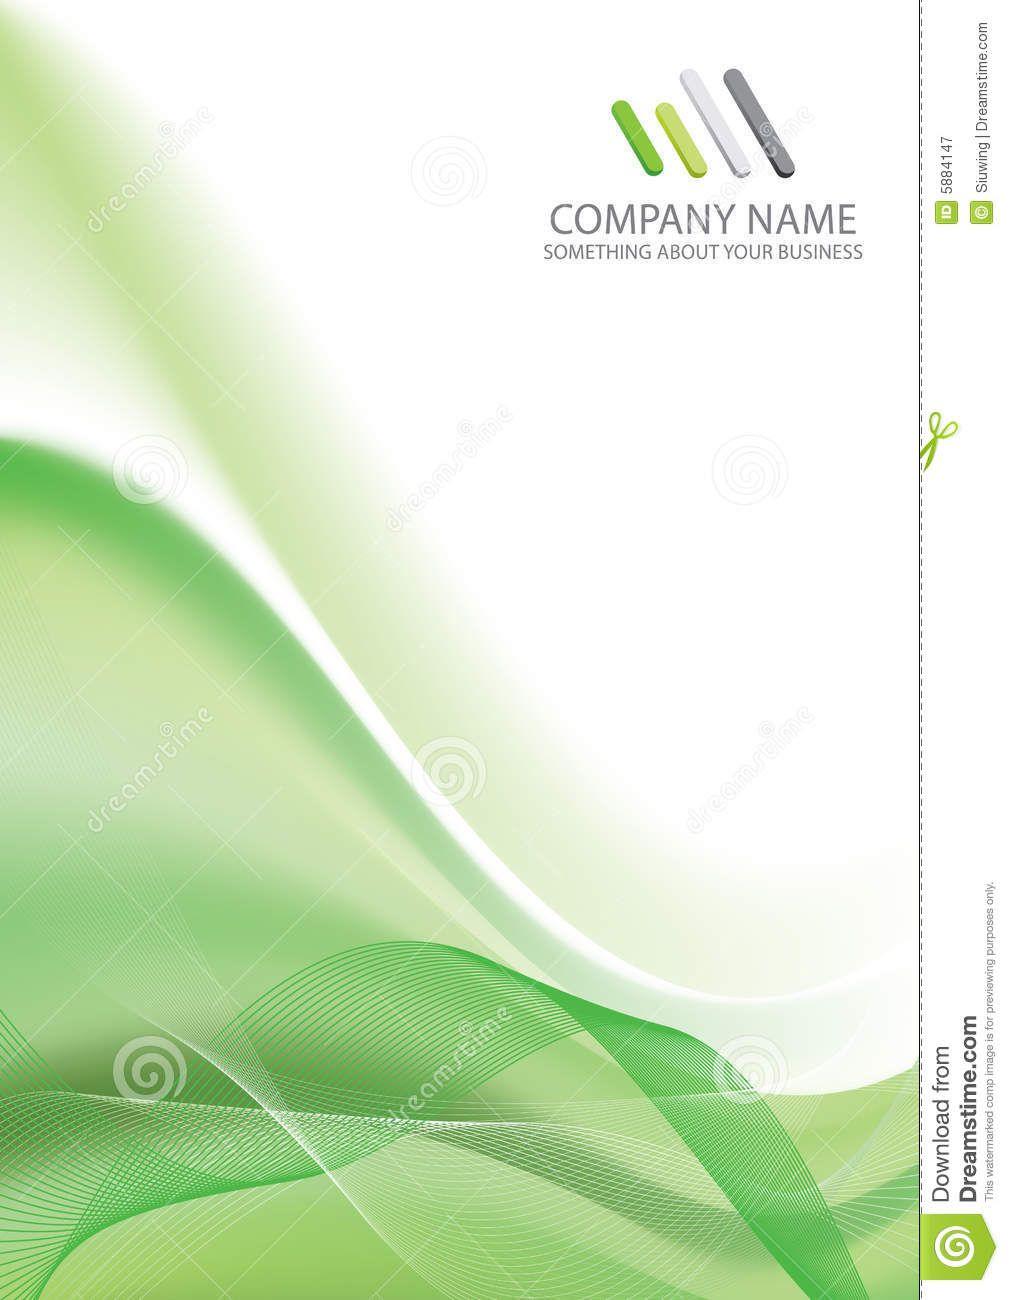 Hasil gambar untuk free download template cover word  Laporan Penelitian  Book cover design